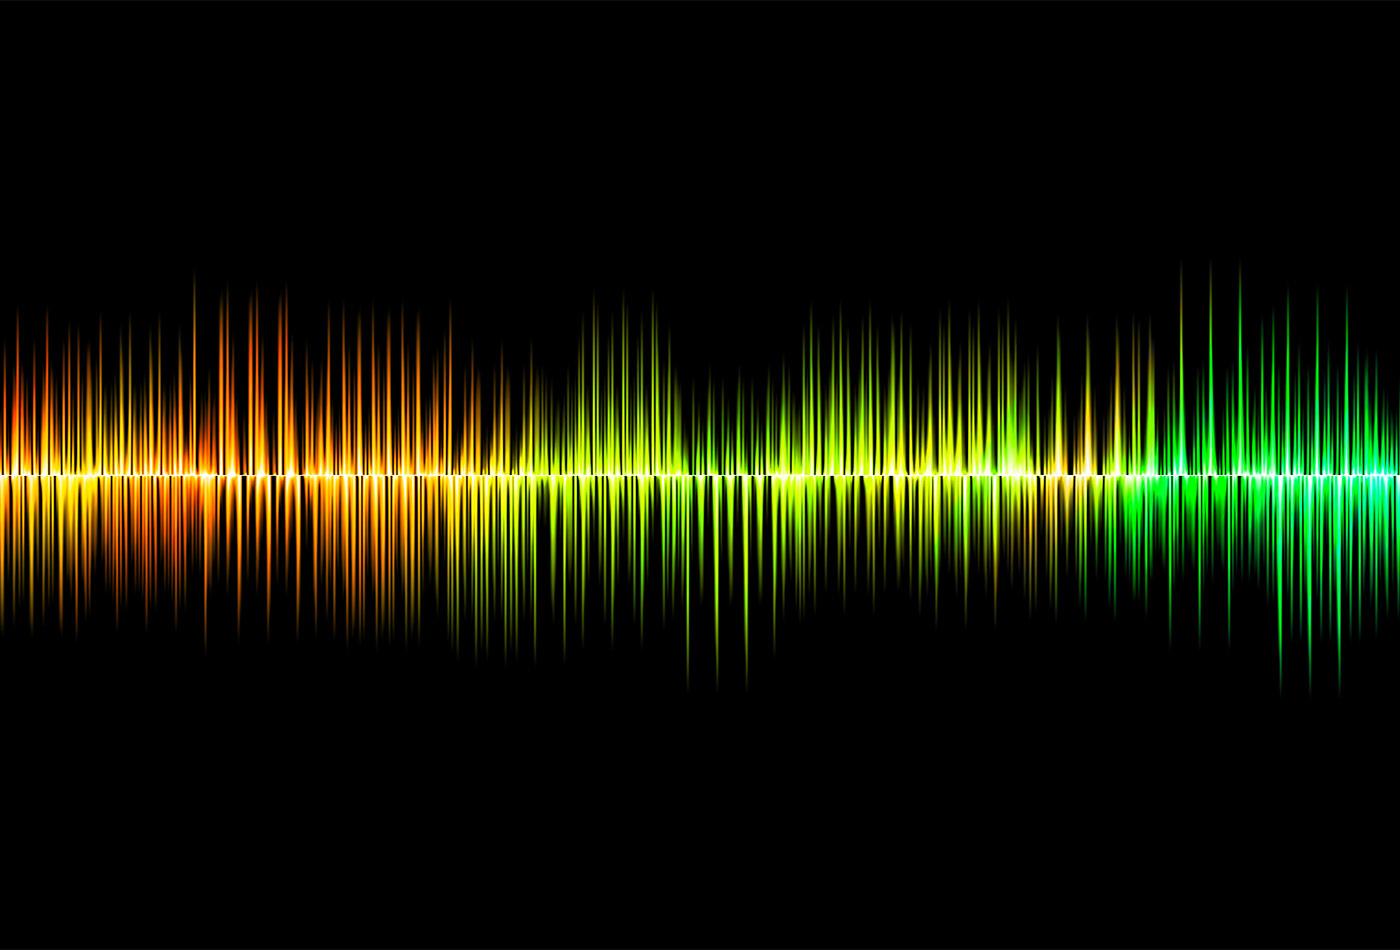 Soundwave.